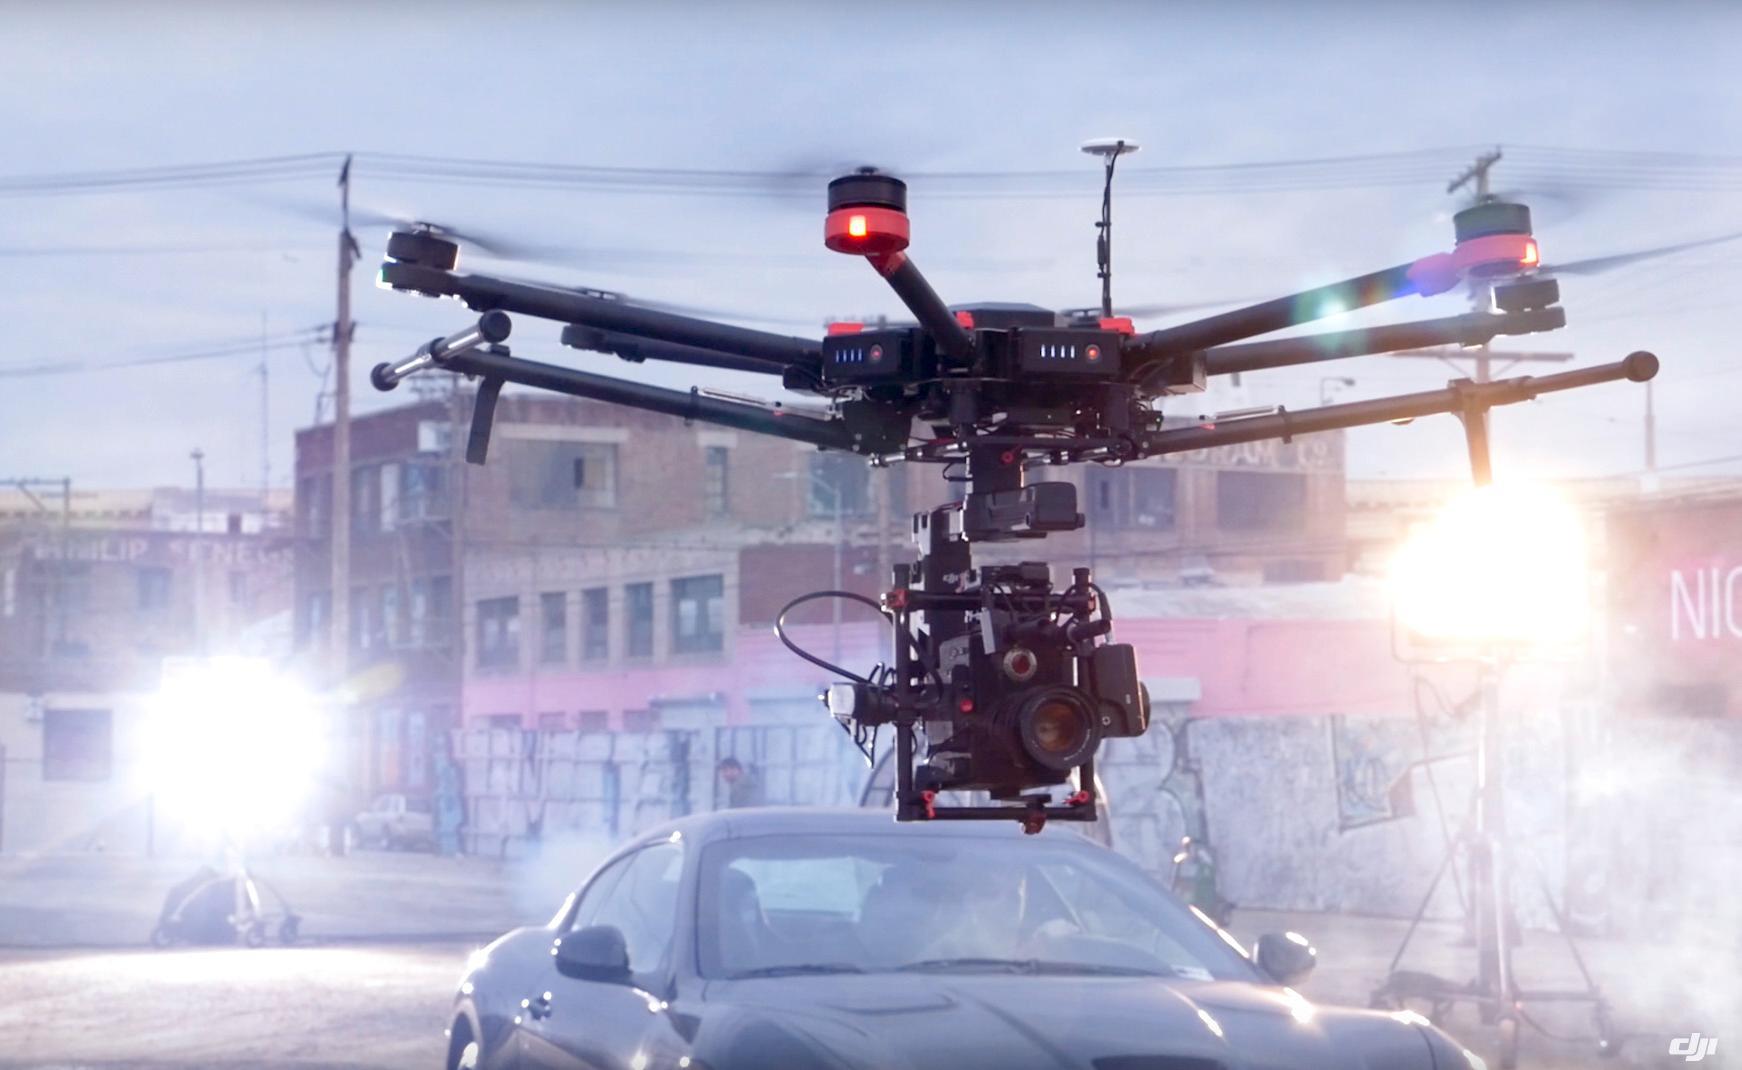 Droner som veier over 2,5 kilogram faller inn under RO2- eller 3-kategorien, men så er det nok få amatører som har bruk for disse uansett.